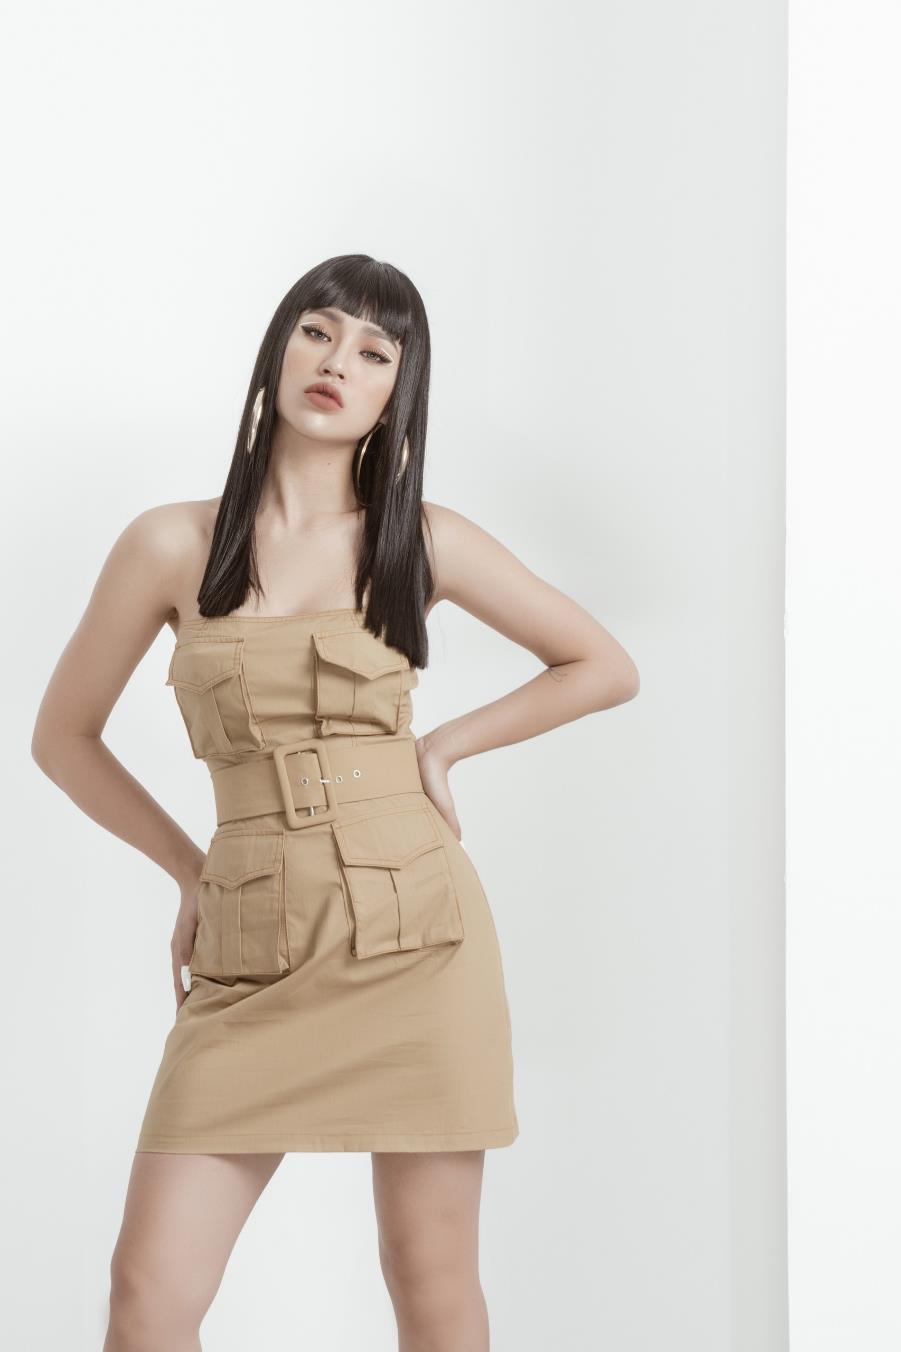 """Diện áo cúp ngực khoe khéo vòng eo con kiến, DJ Tít biến hóa thời trang xoành xoạch chuẩn """"Big city girl - Ảnh 5."""